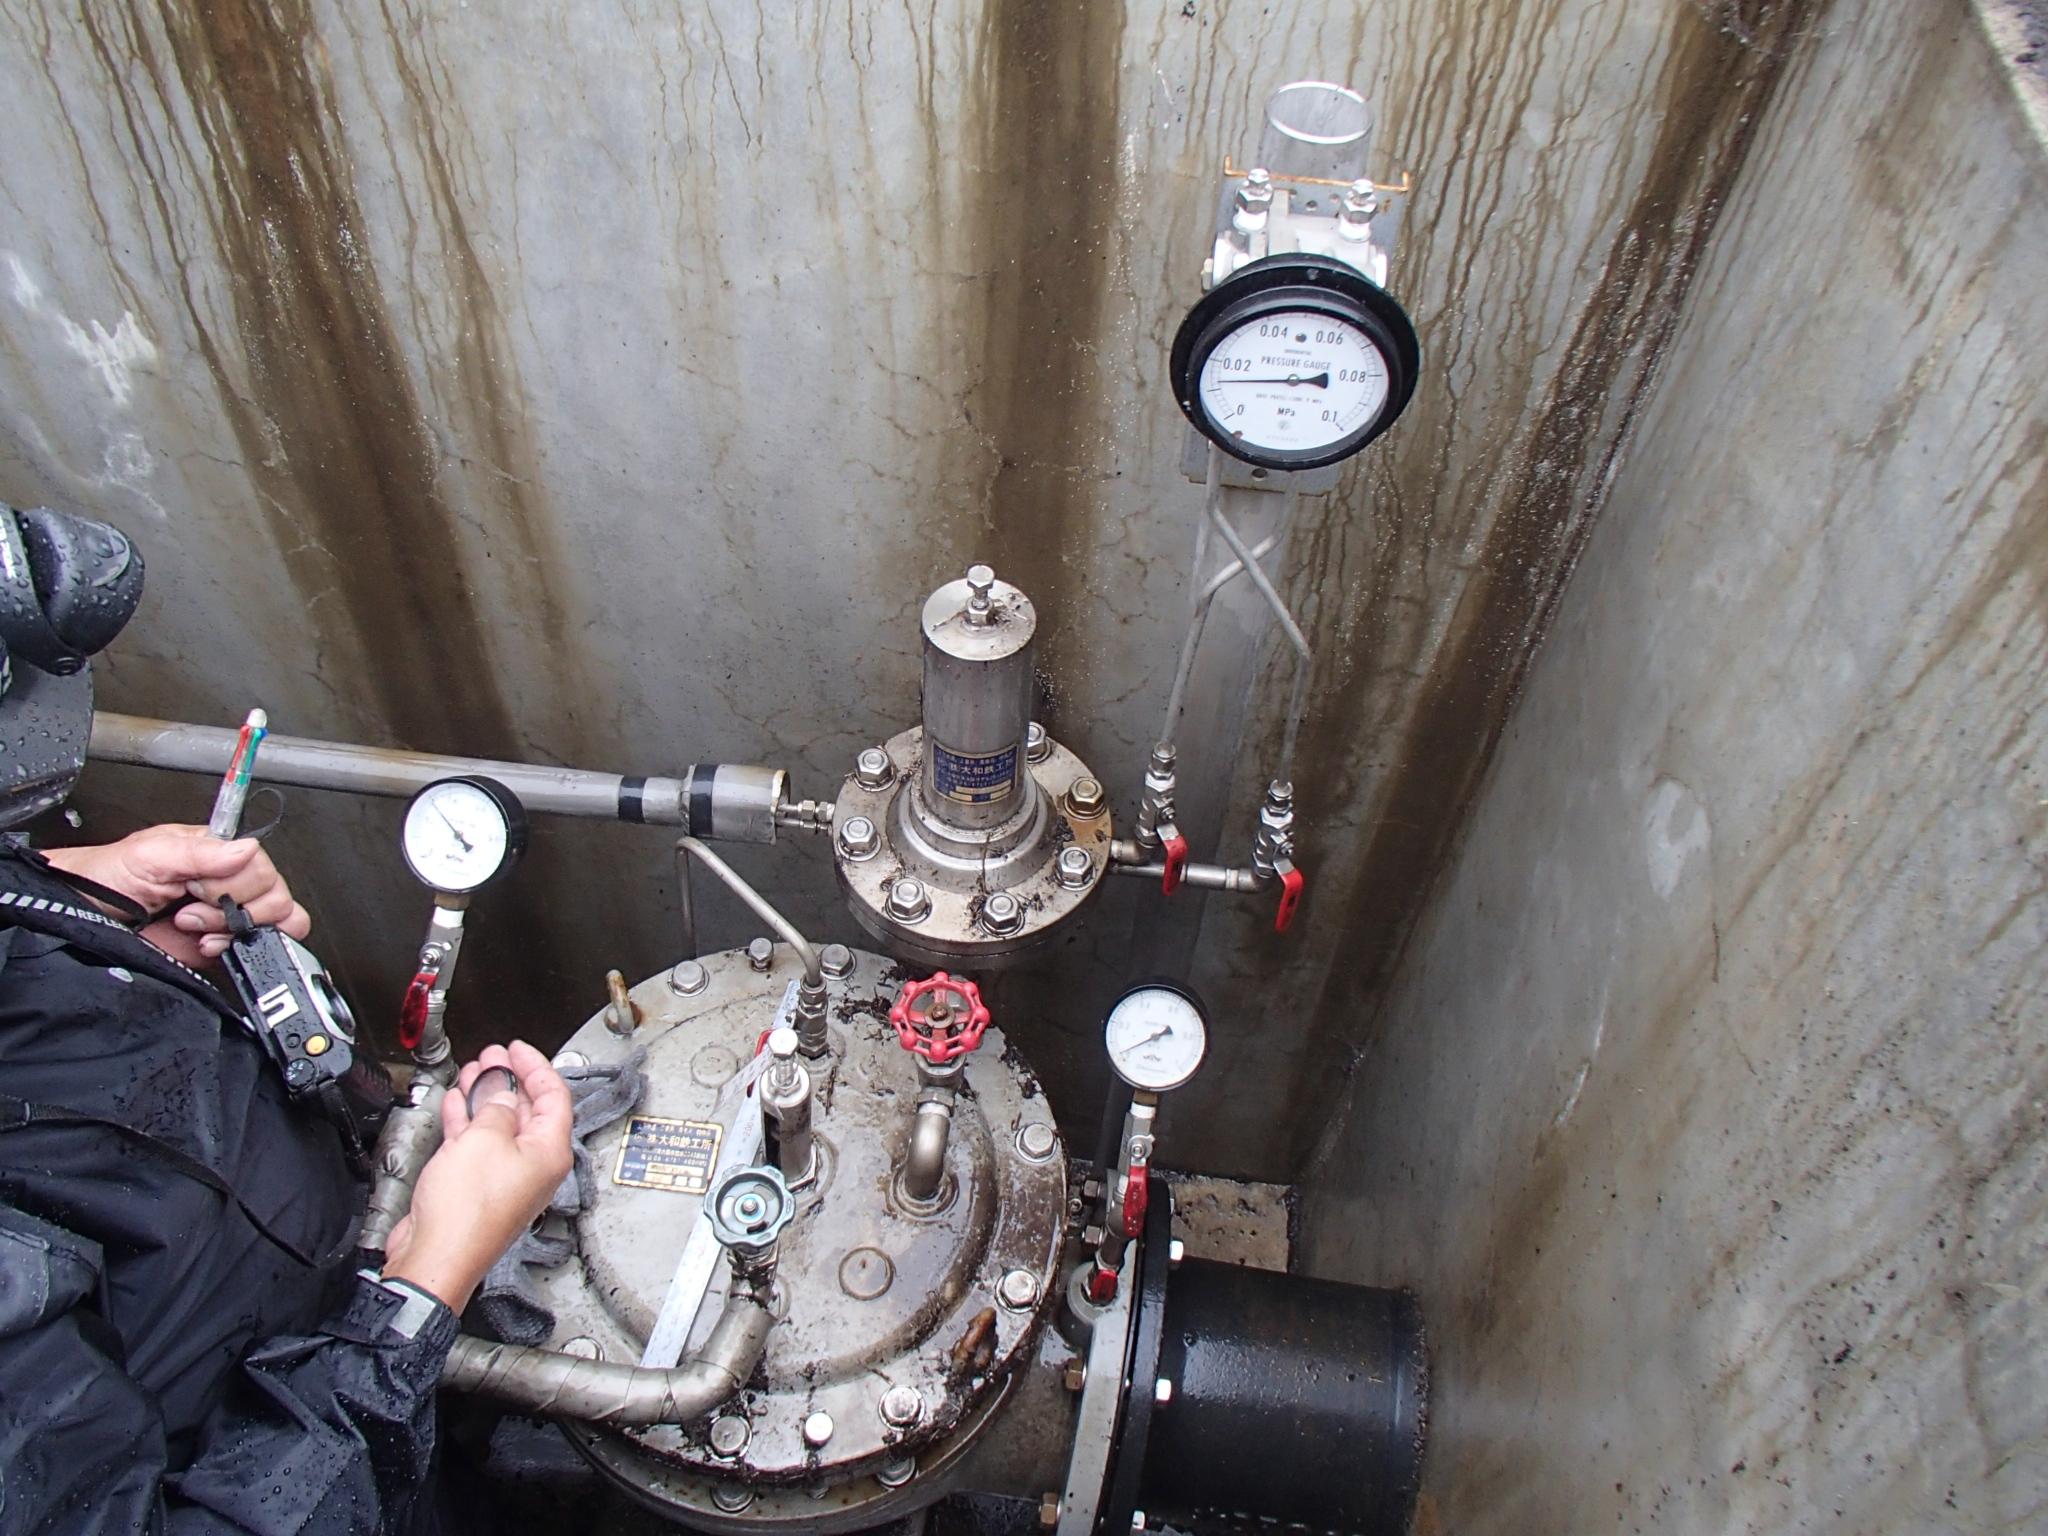 受水施設で機器の試験調整作業を行いました。